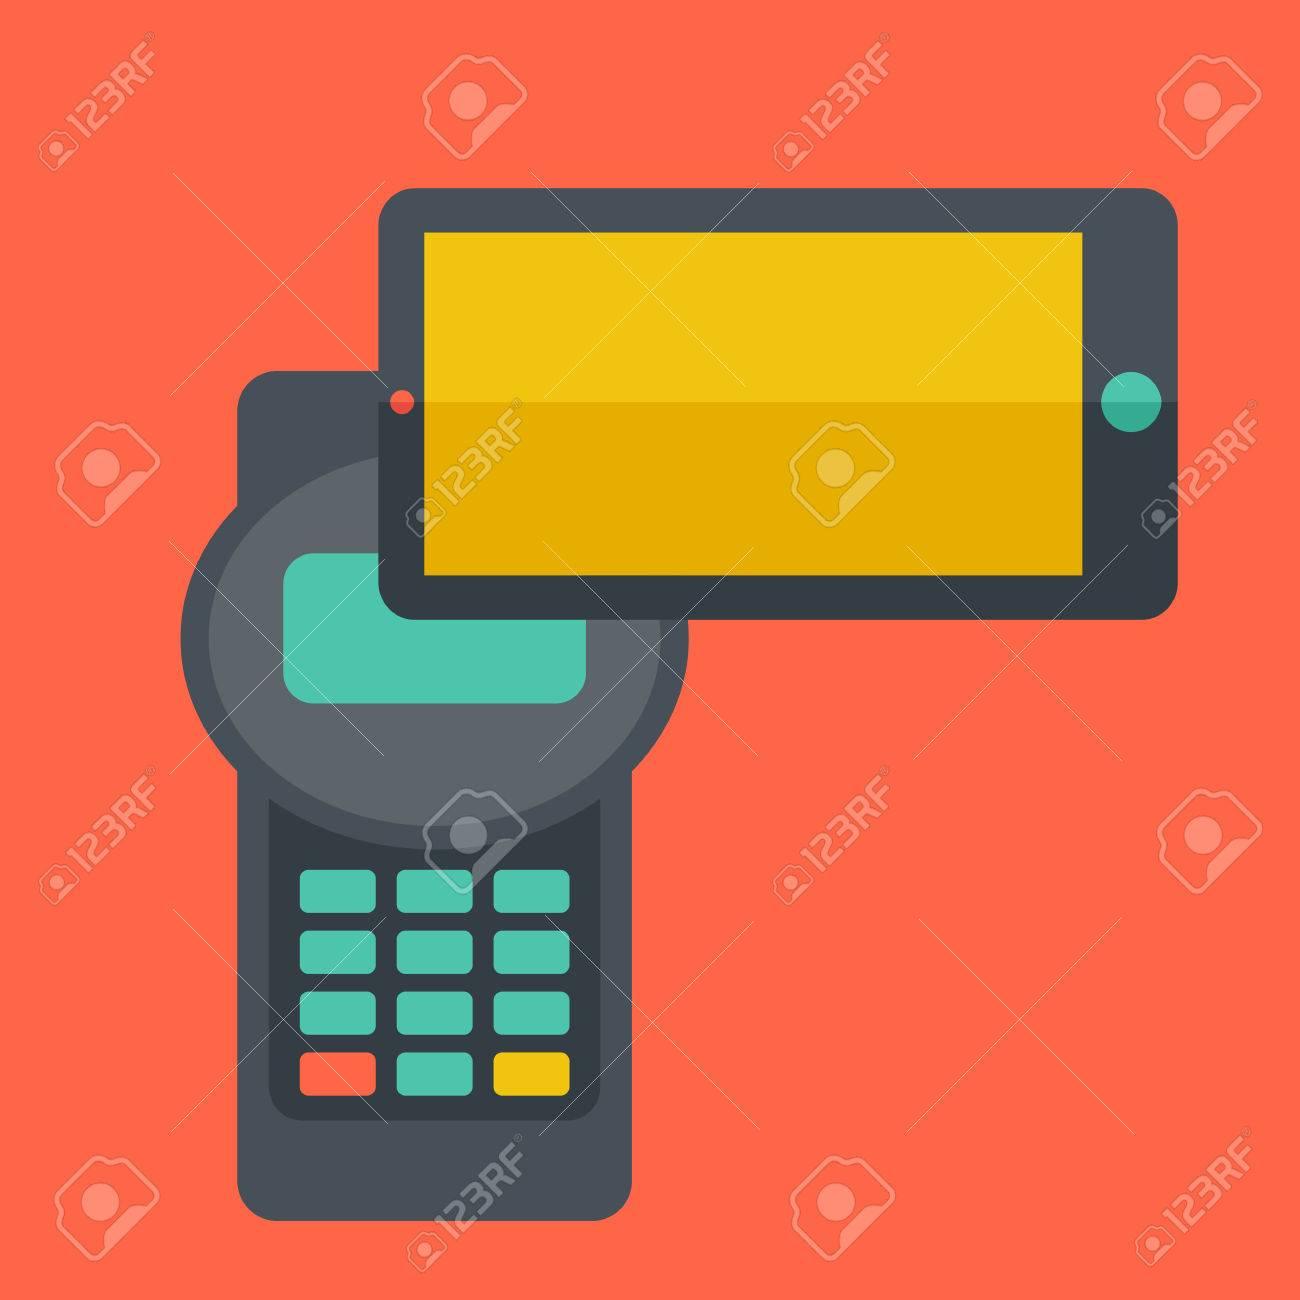 Eine Kreditkarte Maschine Und Smartphones Als Anwendung Für Internet ...